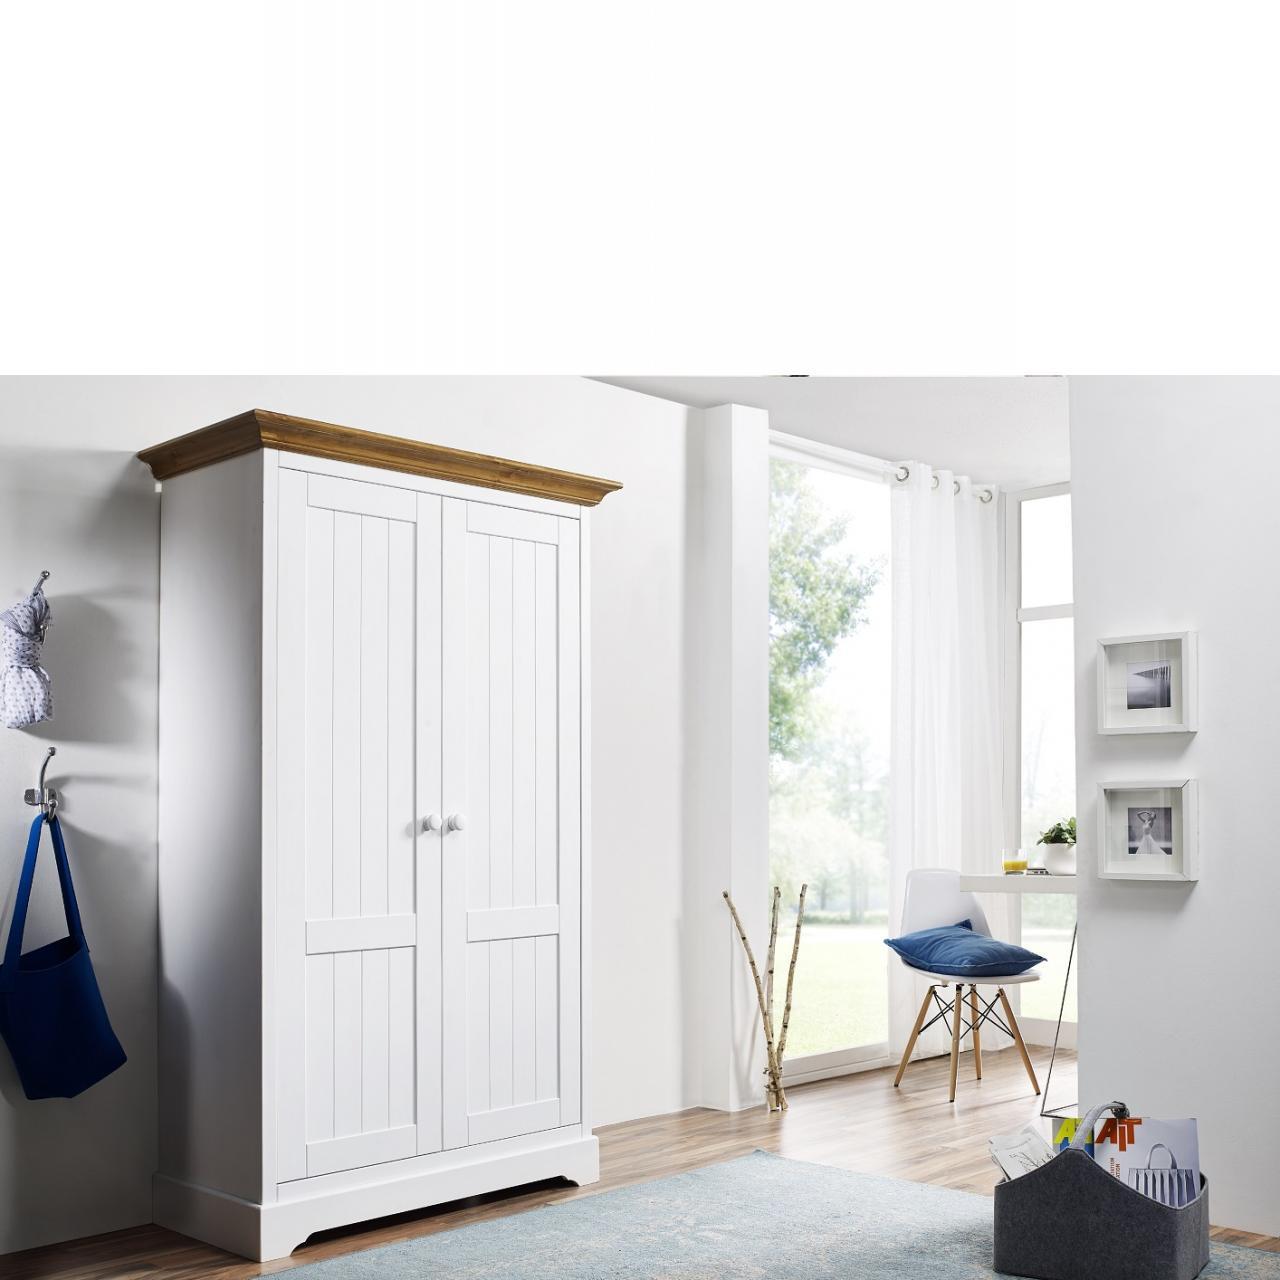 Universalschrank KM-0026 Weiß Honig 2 Türen 8 Fächer 3 Böden Kiefer Massiv